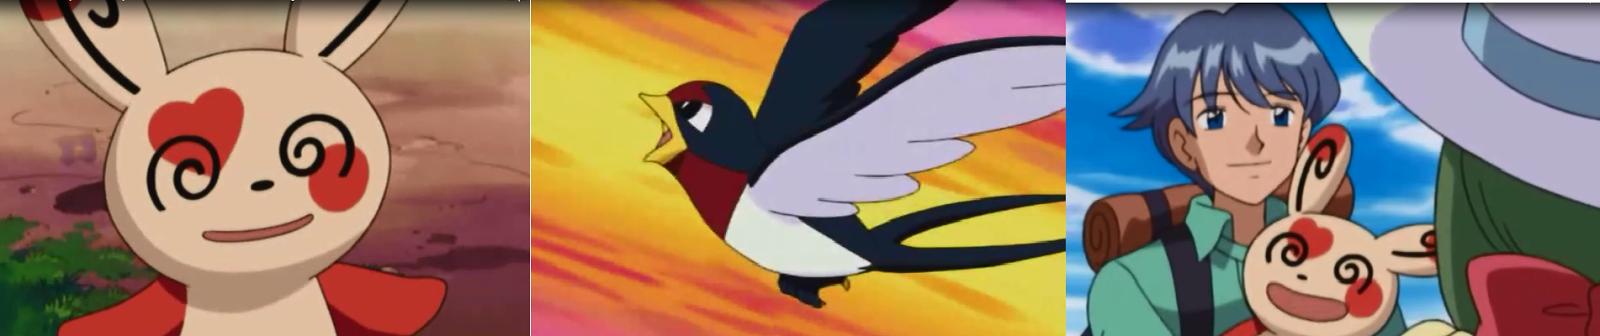 Pokémon - Capítulo 17 - Temporada 7 - Audio Latino